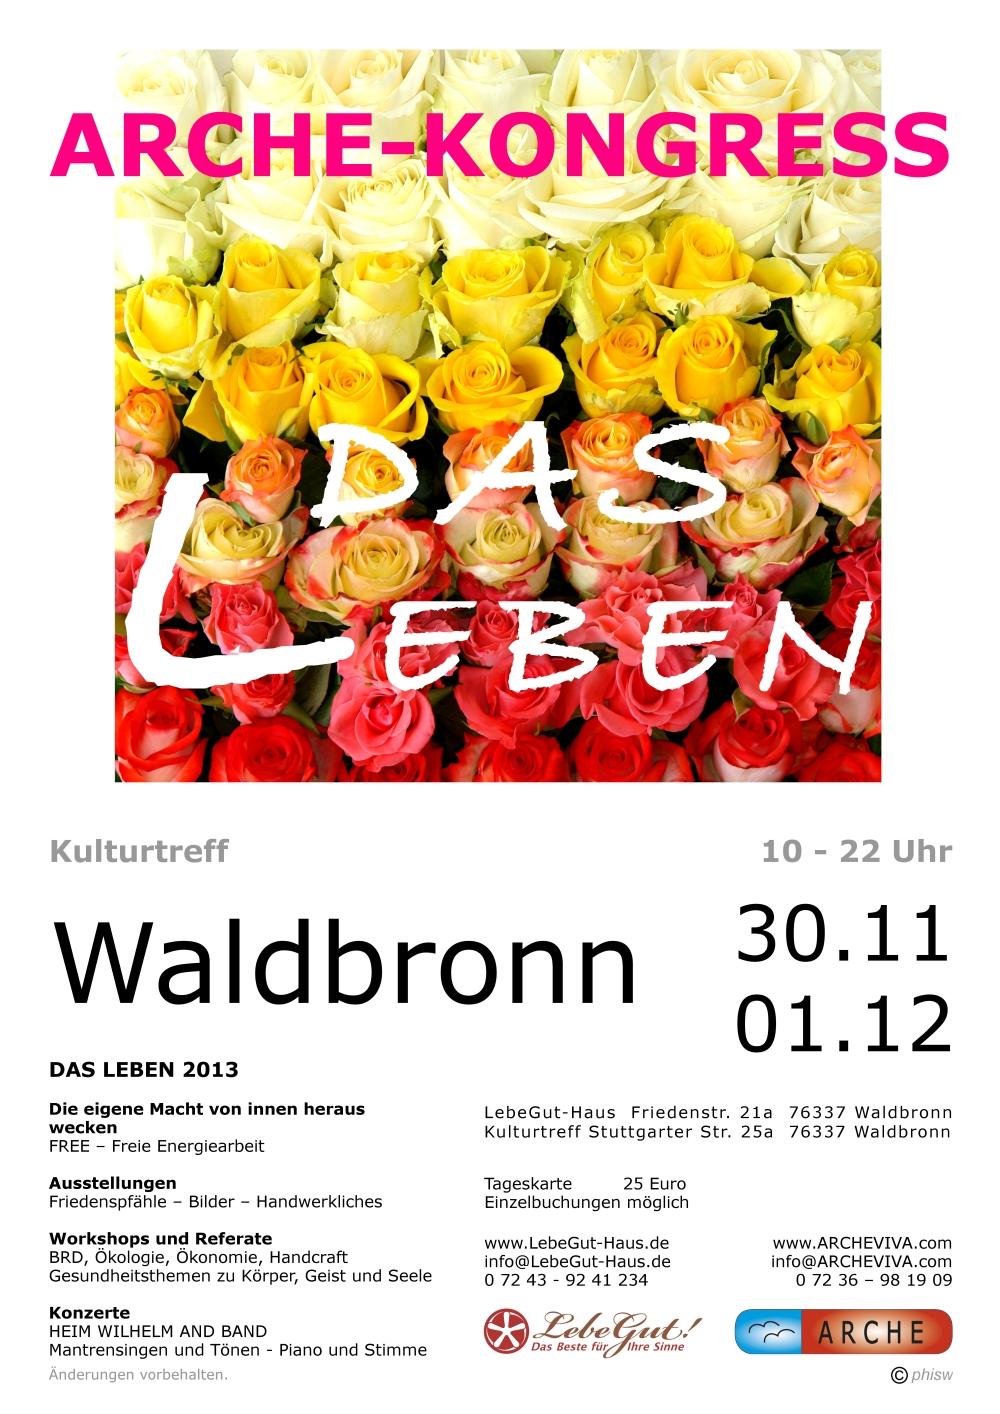 ARCHE-Plakat-Keltern-Weiler-ARCHE-KONGRESS-Waldbronn